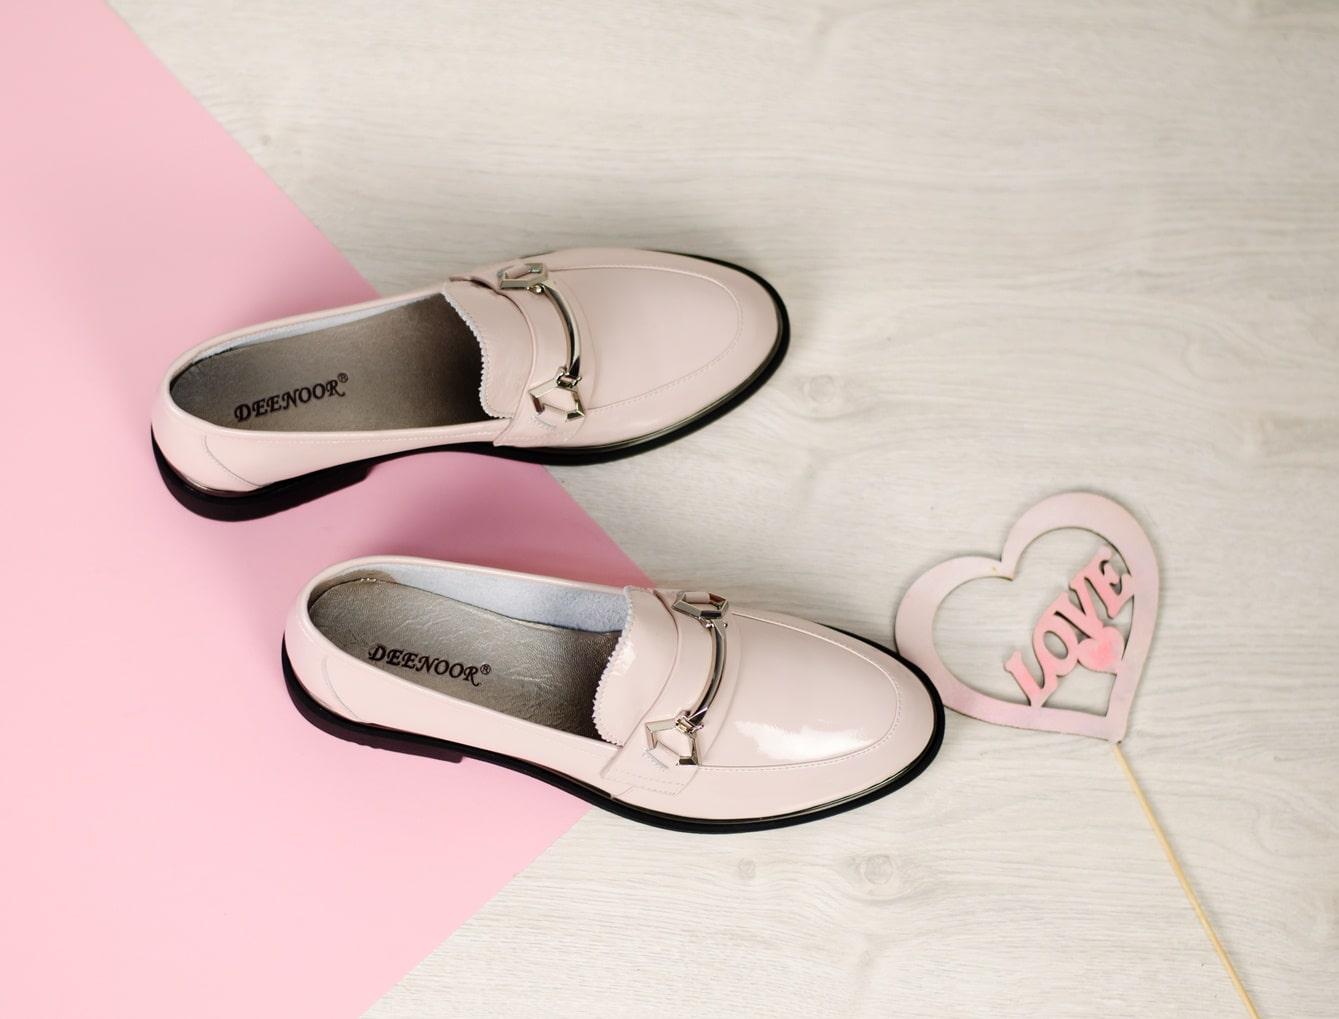 b80bd1bee Эта обувь со шнурками и перфорацией позволит придать сексуальности самому  стандартному образу. А если еще укоротить или подкатить брюки или денимы ...